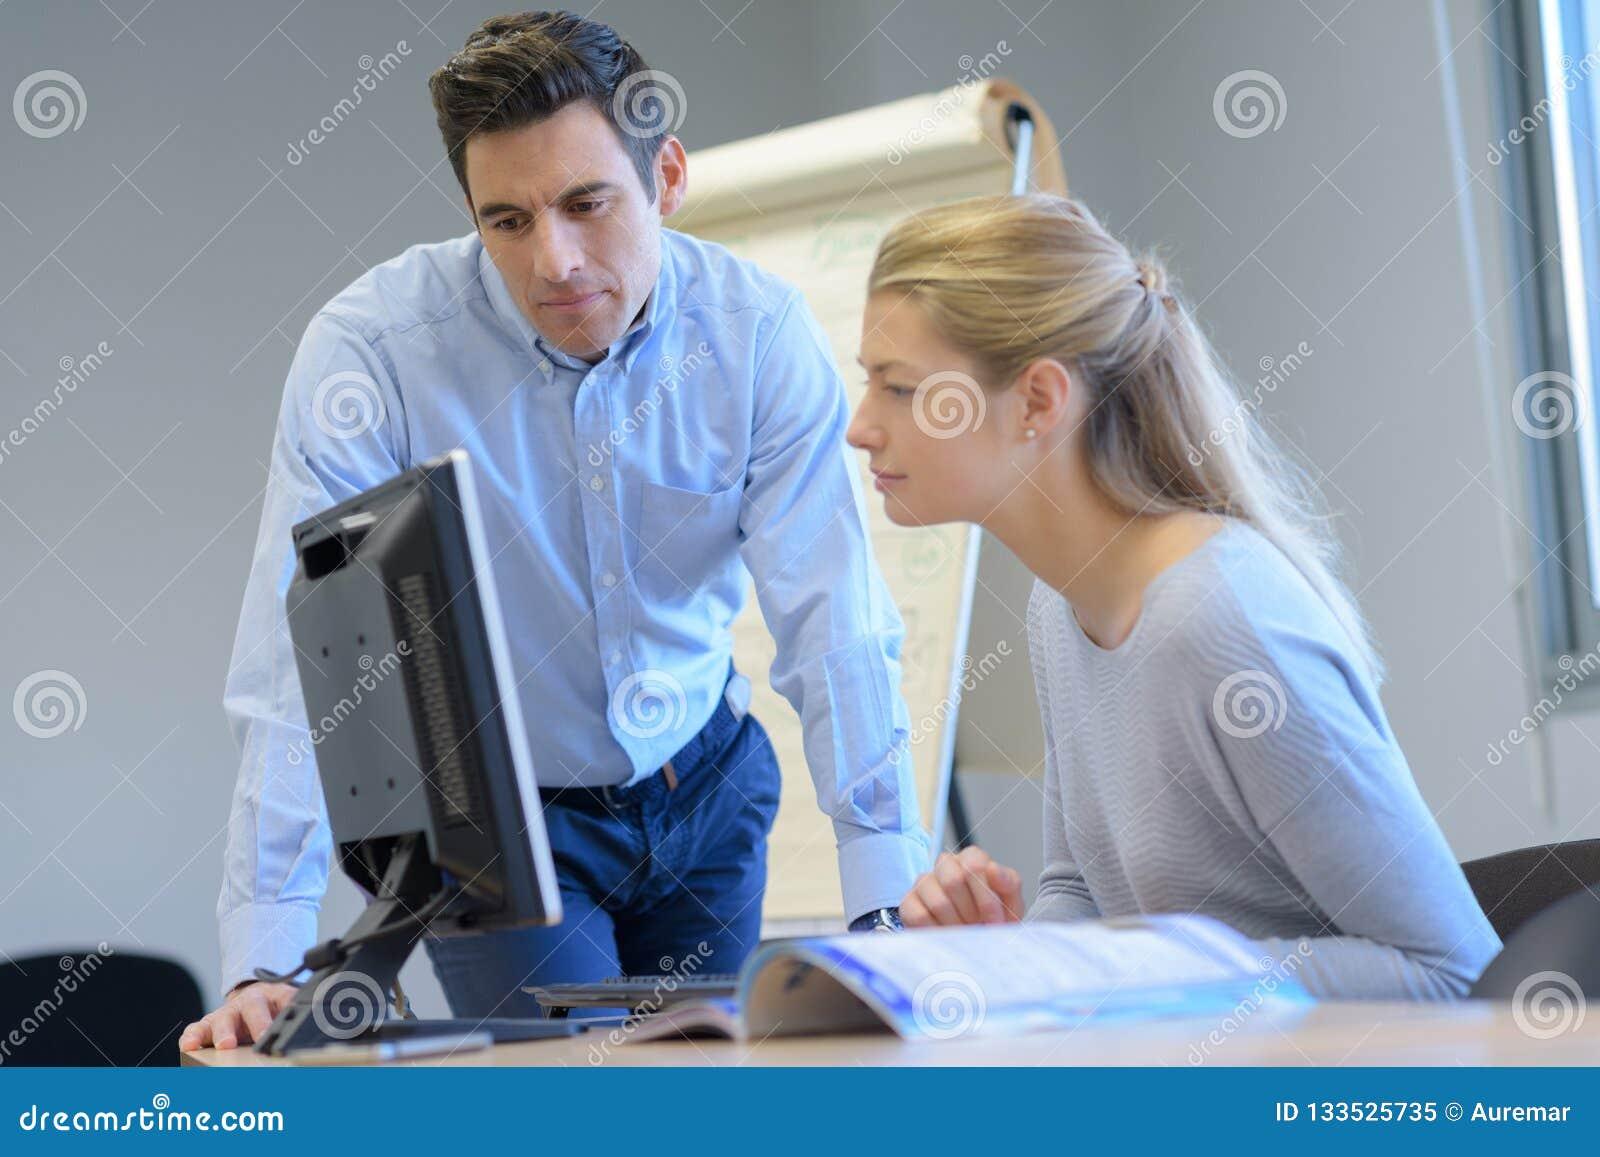 Мужчина и женское оно программисты испытывая новое программное приложение